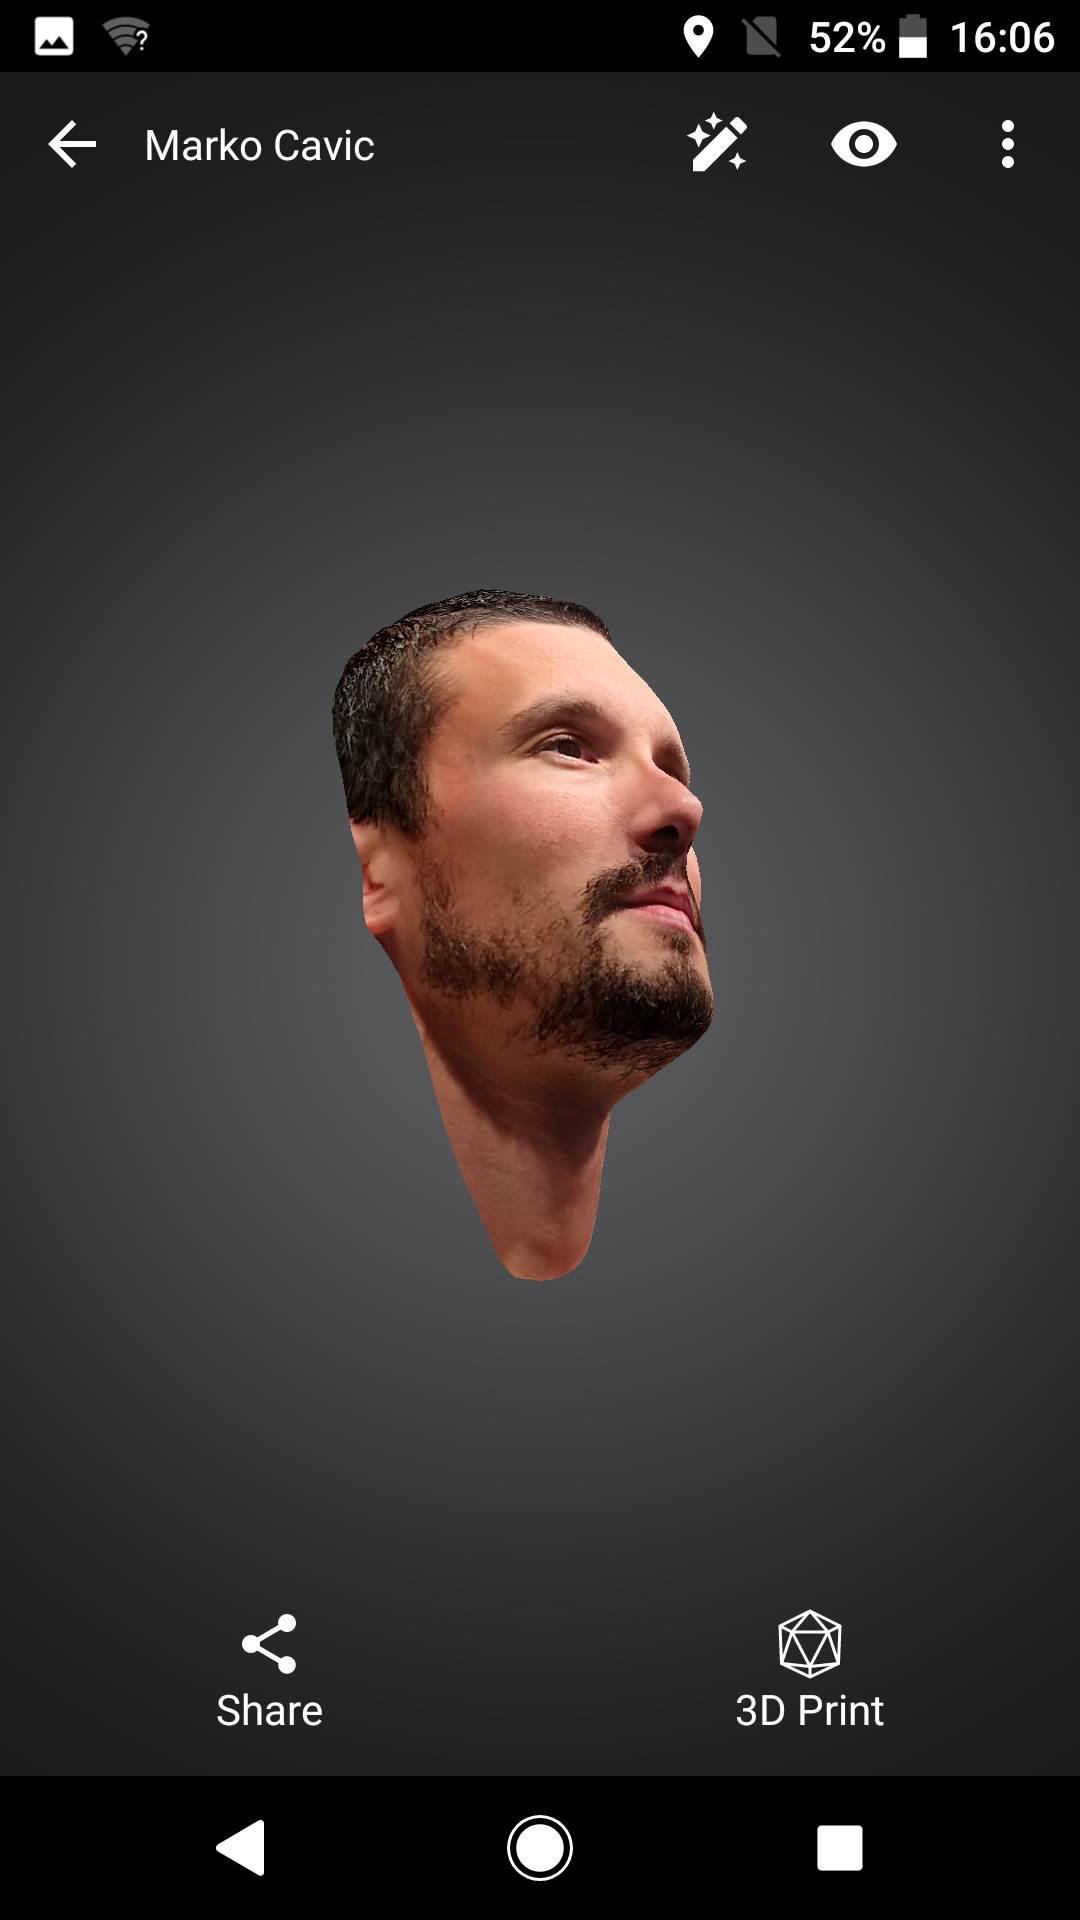 Novi 3D trend oduševio i zgrozio mnoge (VIDEO)